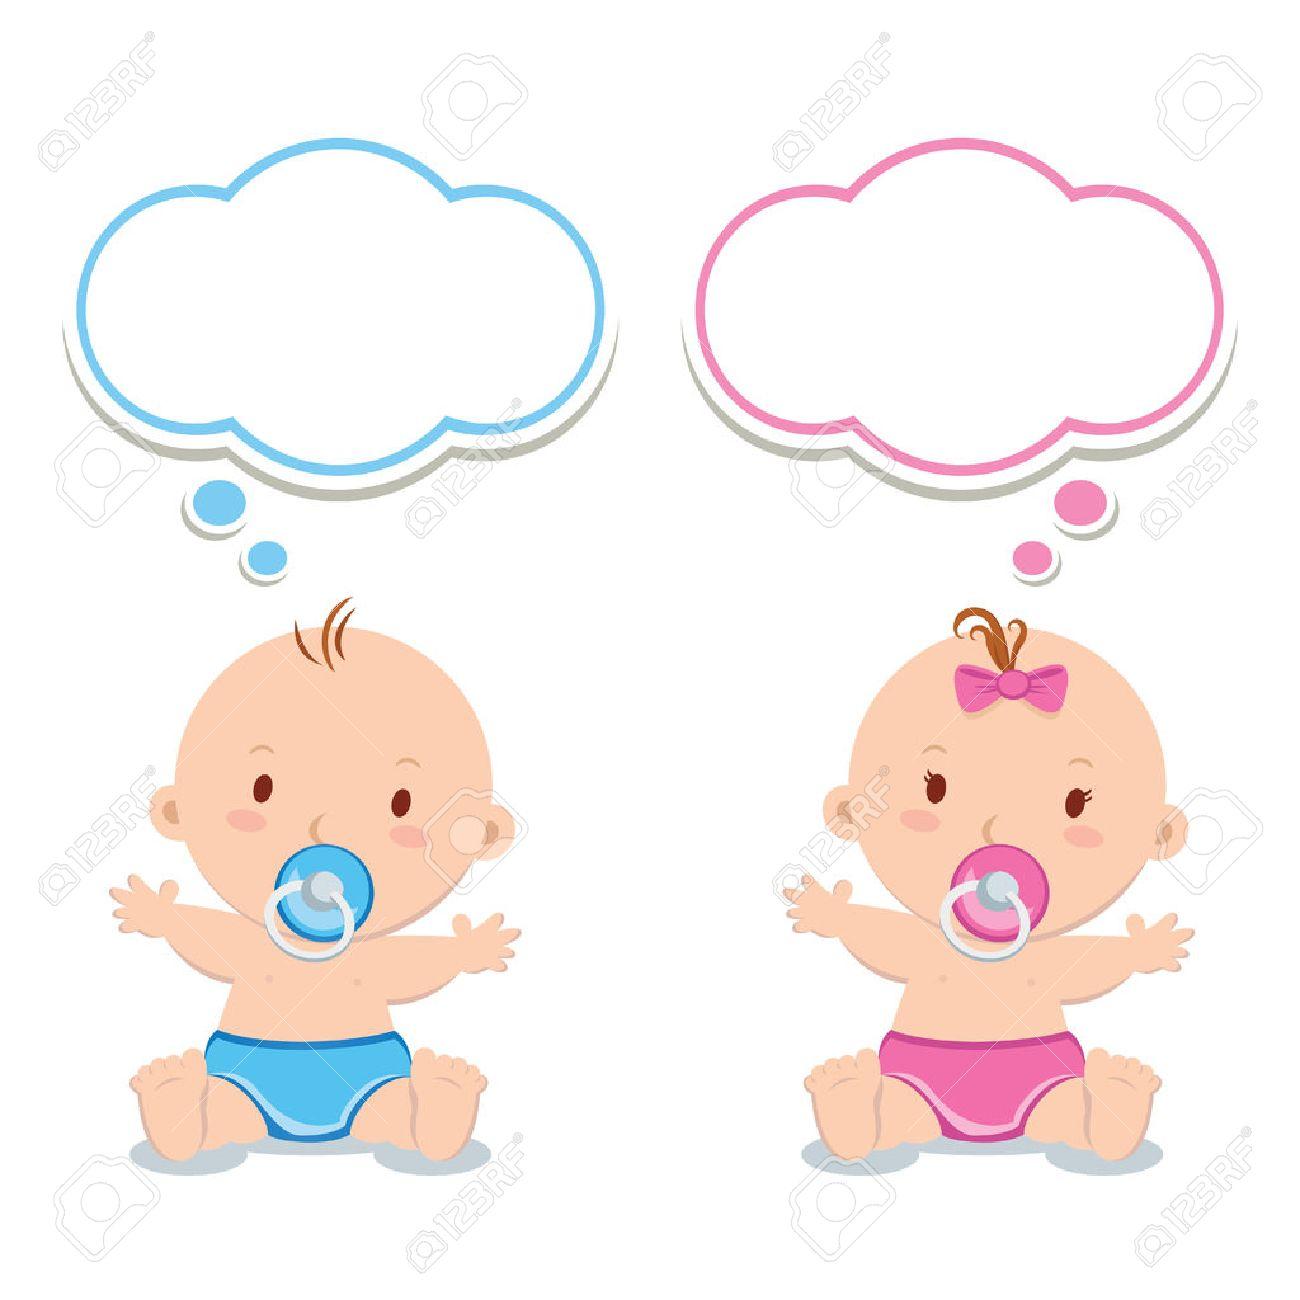 小さな男の子の赤ちゃんと女の子の赤ちゃん。おしゃぶりと思考の泡の